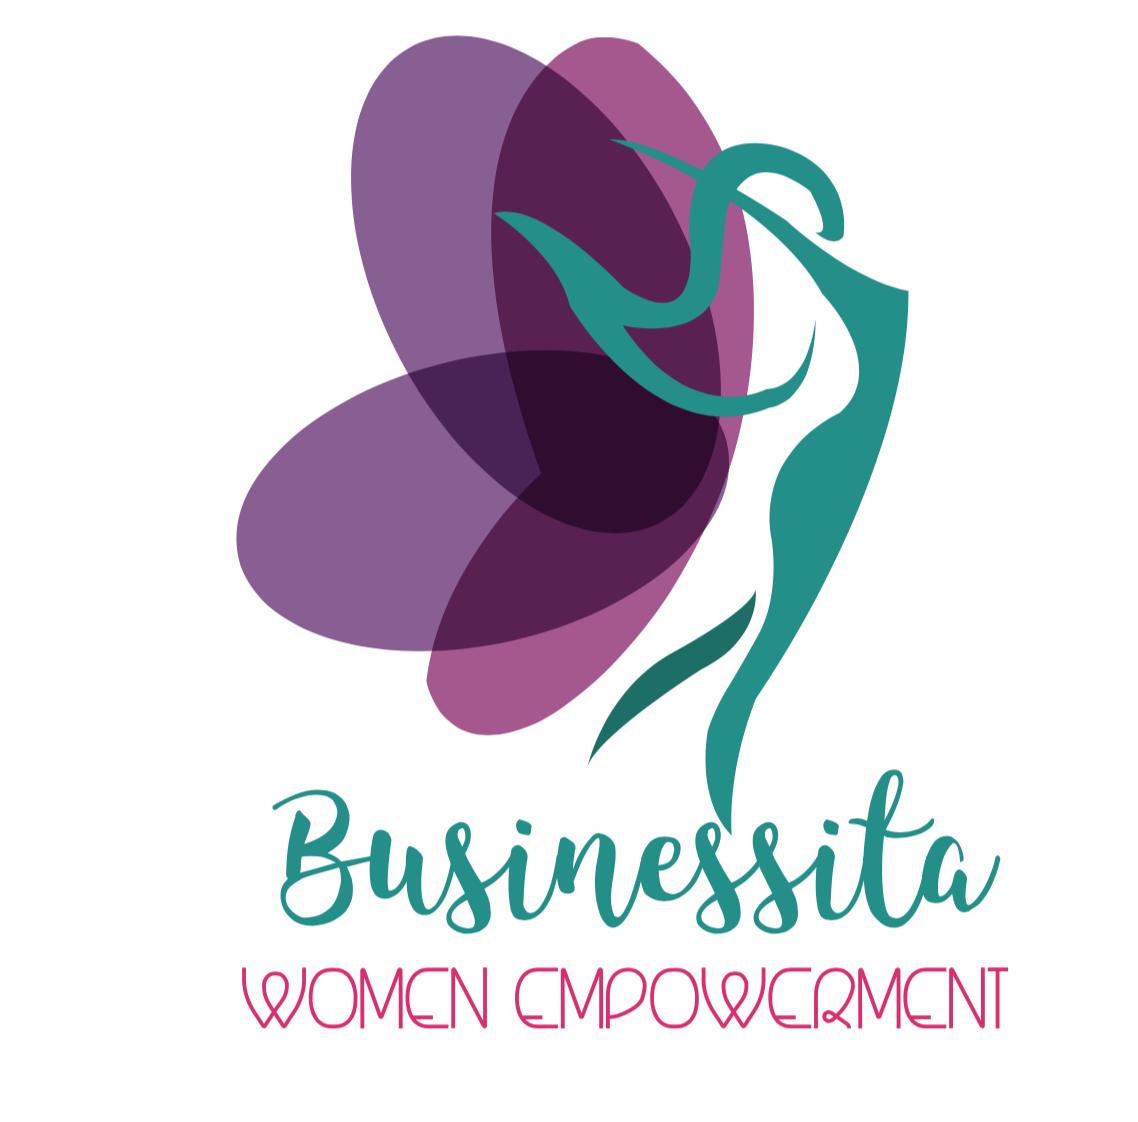 Businessita Women Empowerment.